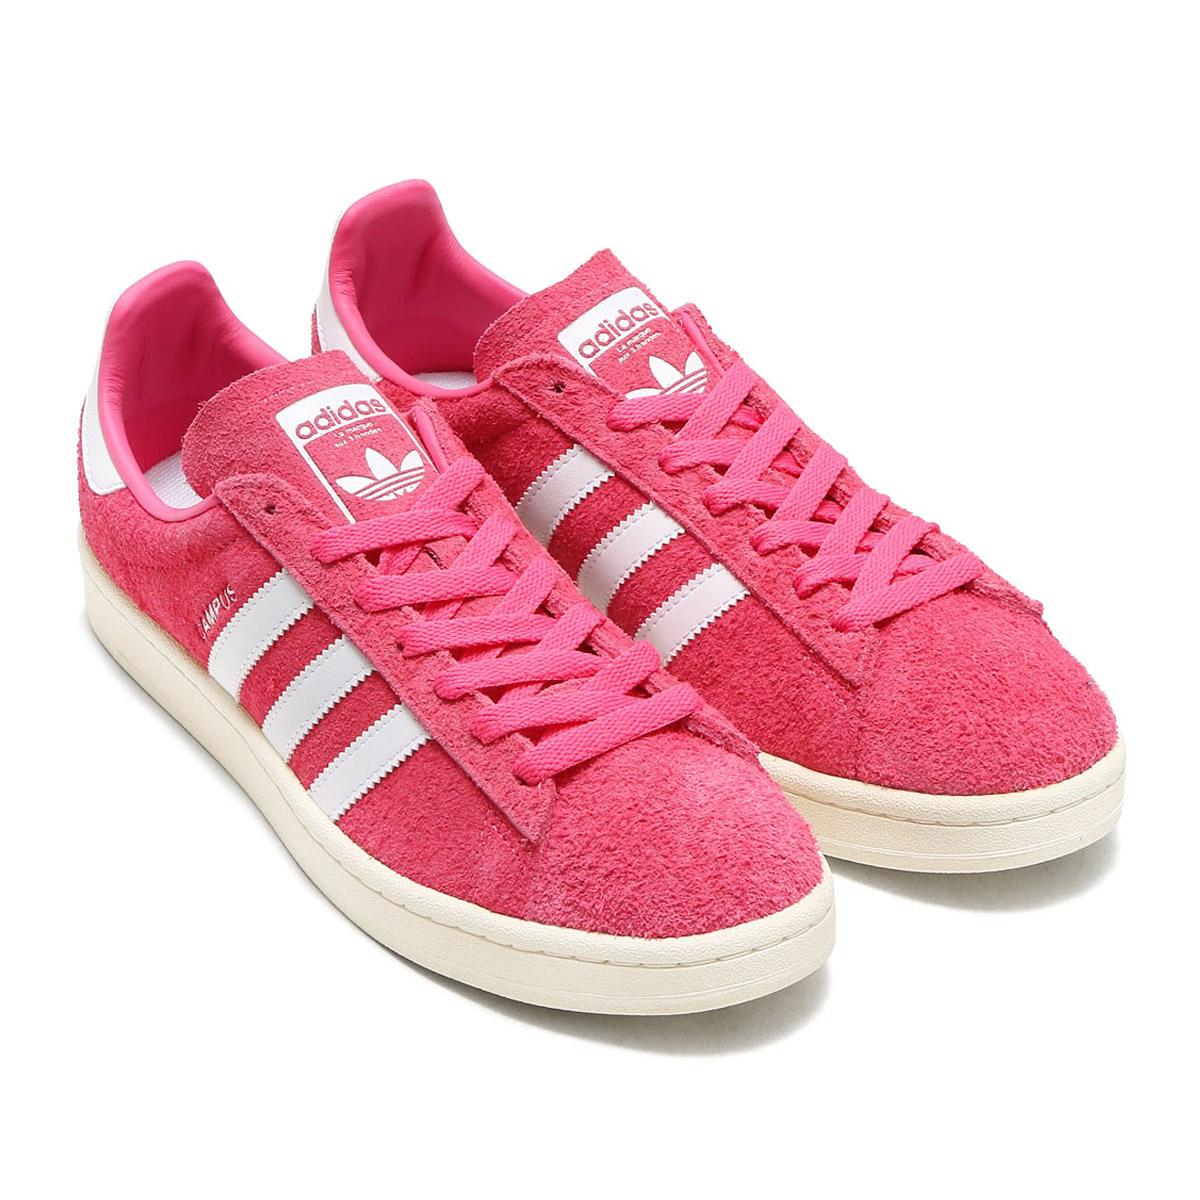 adidas Originals CAMPUS(アディダス オリジナルス キャンパス)(Semi Solar Pink/Running White/Cream White) 【メンズ レディース スニーカー】17FW-I